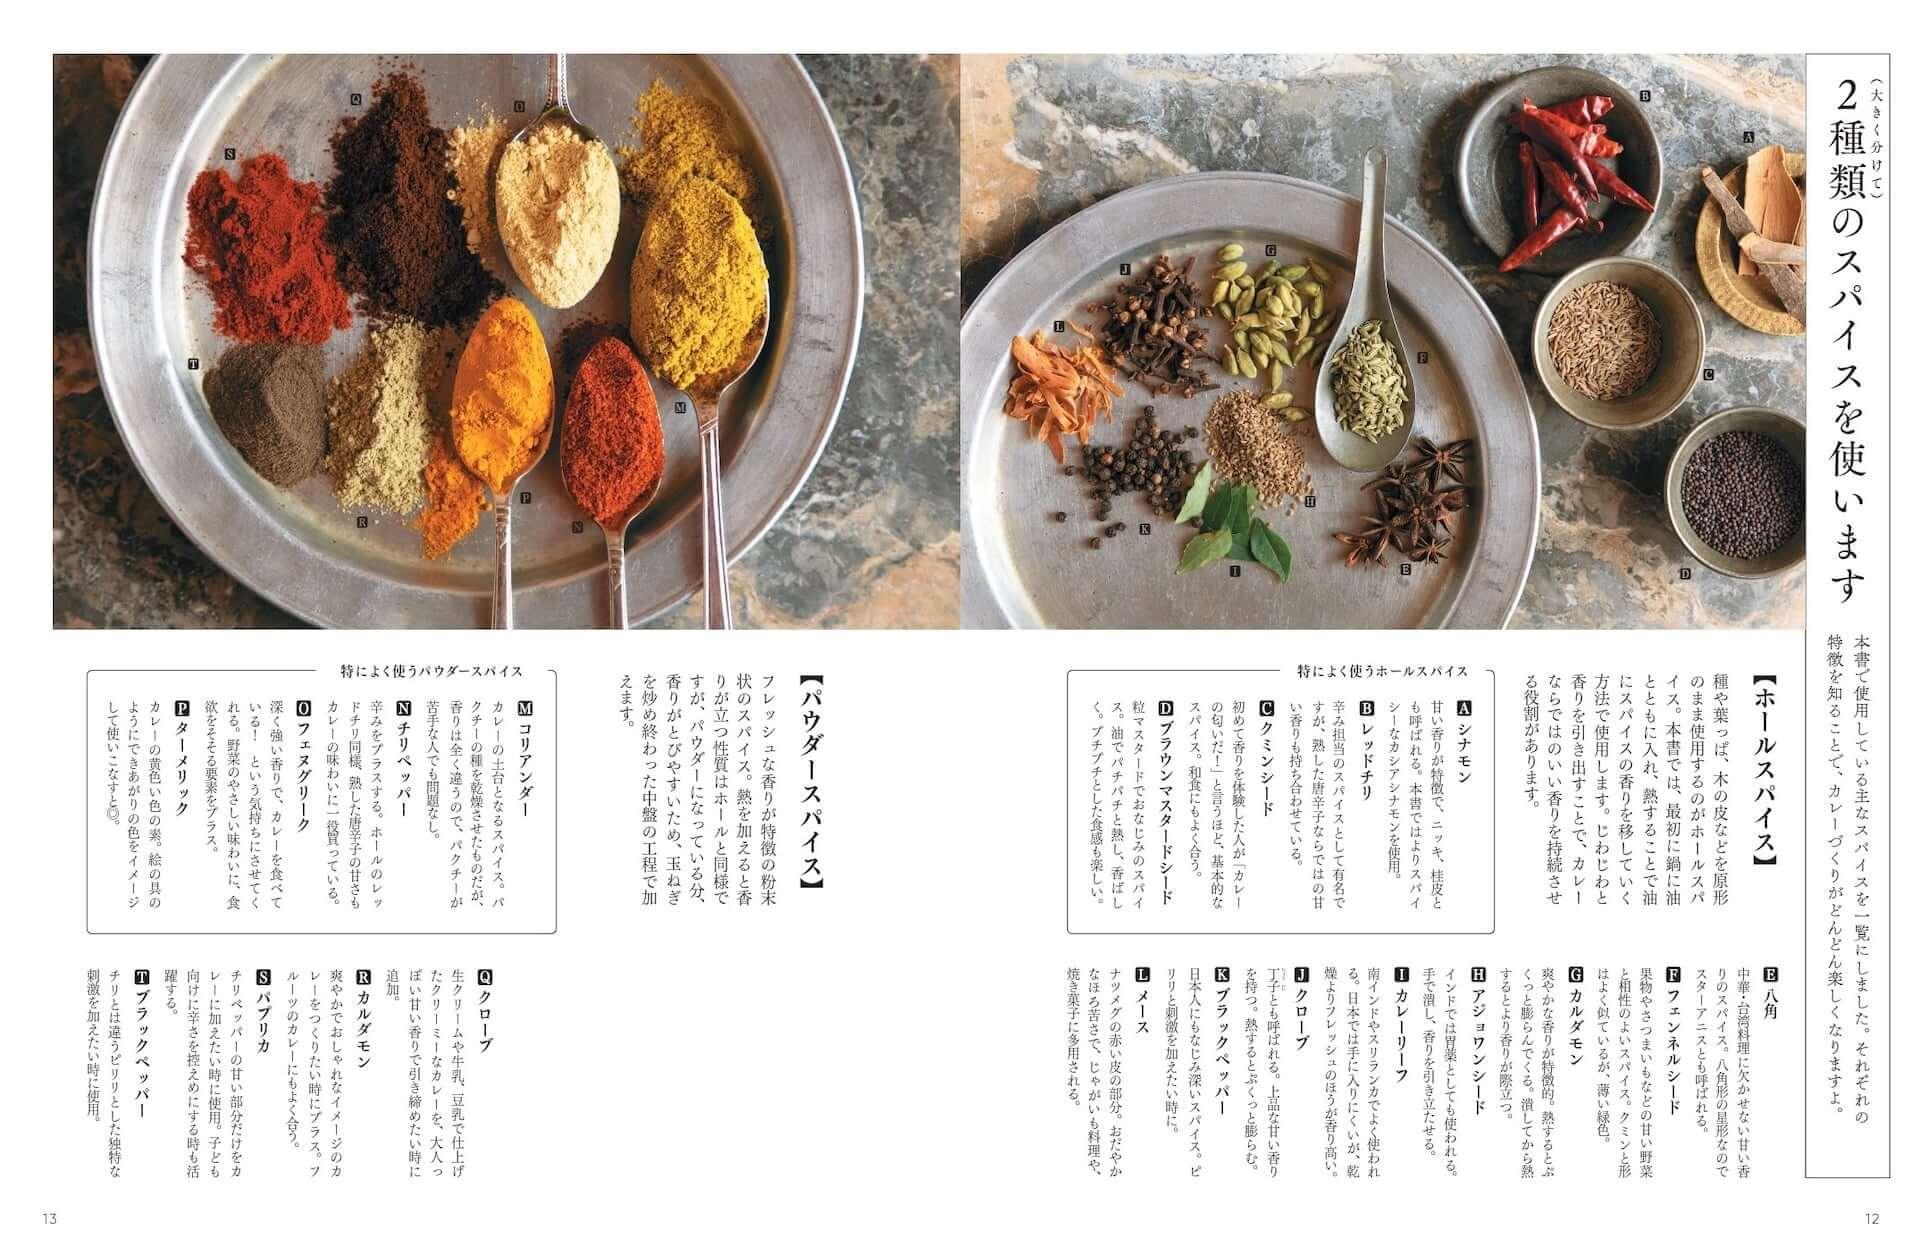 おうちで本格カレーを作ろう!「流しのカレー屋」で話題のand CURRY店主によるカレーレシピ本が発売|最短20分で作れるレシピも gourmet200421_andcurry_5-1920x1255